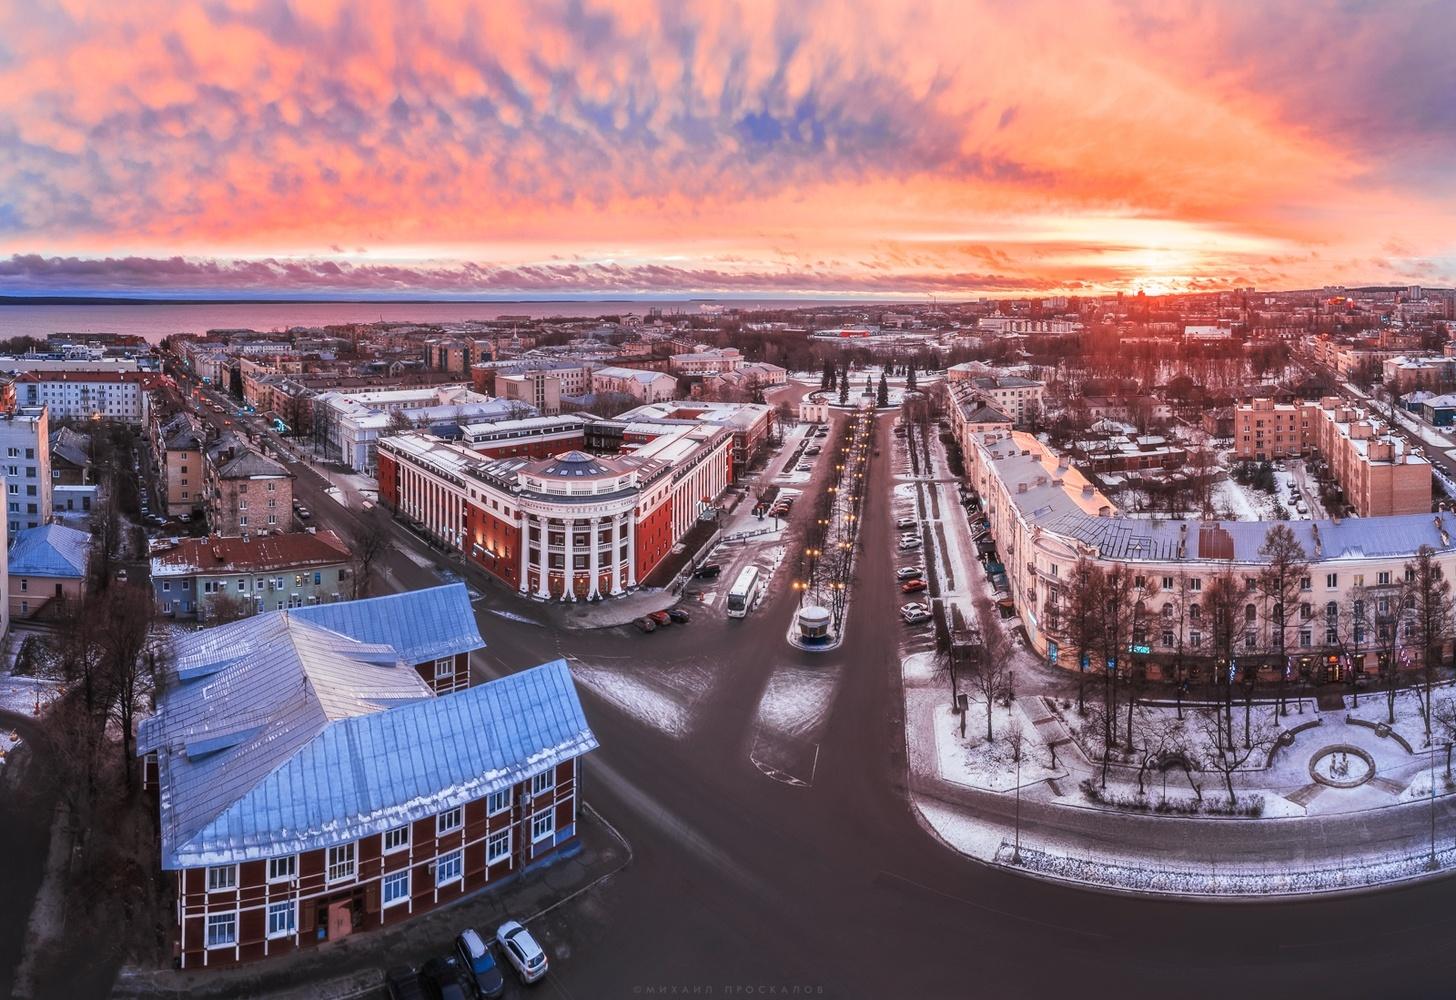 Sunrise over Petrozavodsk by Mikhail Proskalov